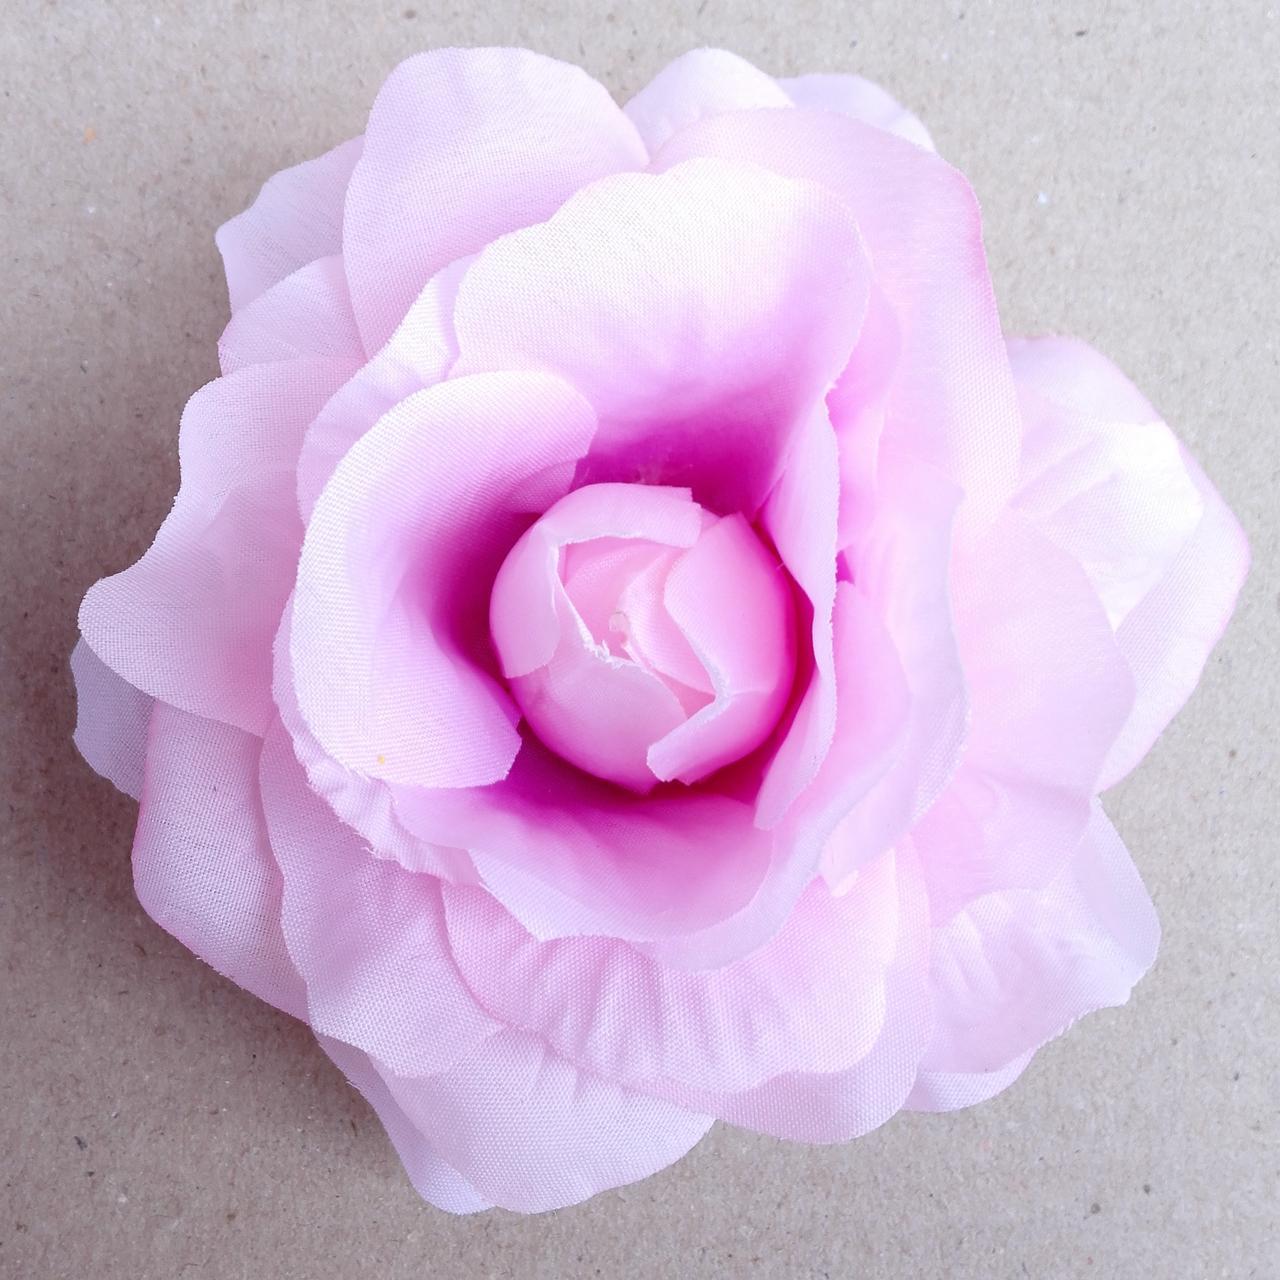 Головка розы раскрытая 9 см